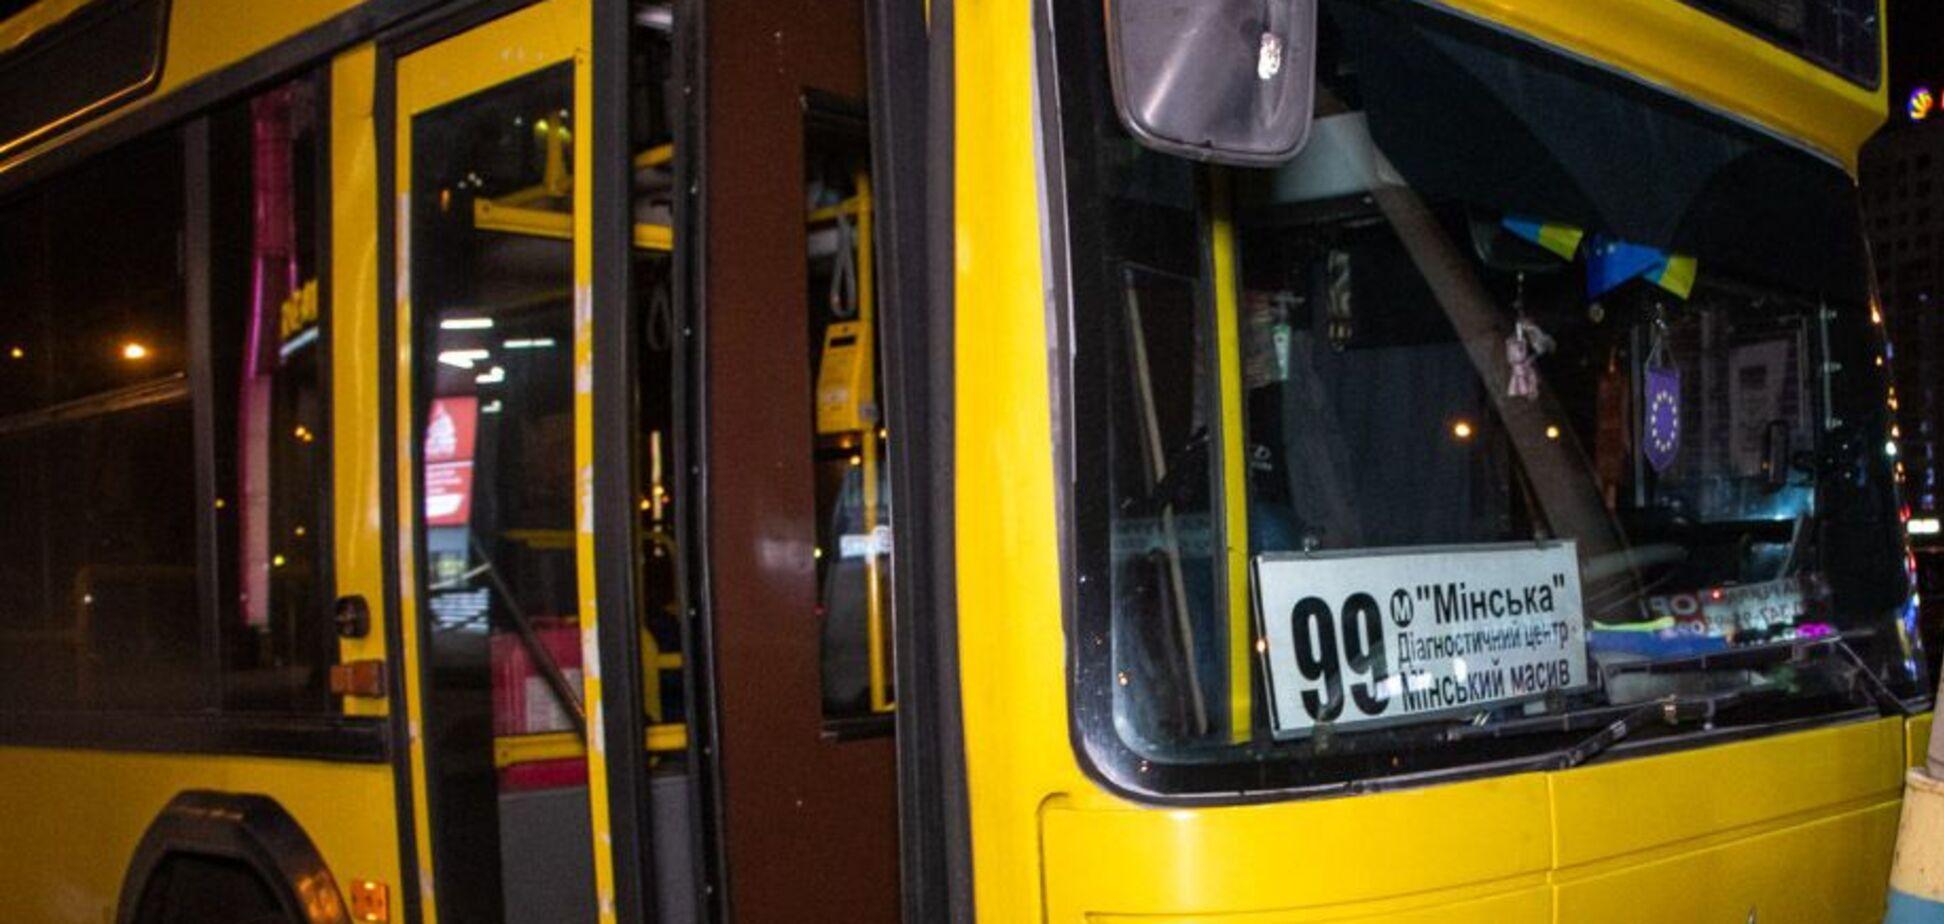 В Киеве образовалась огромная очередь на 99 автобус